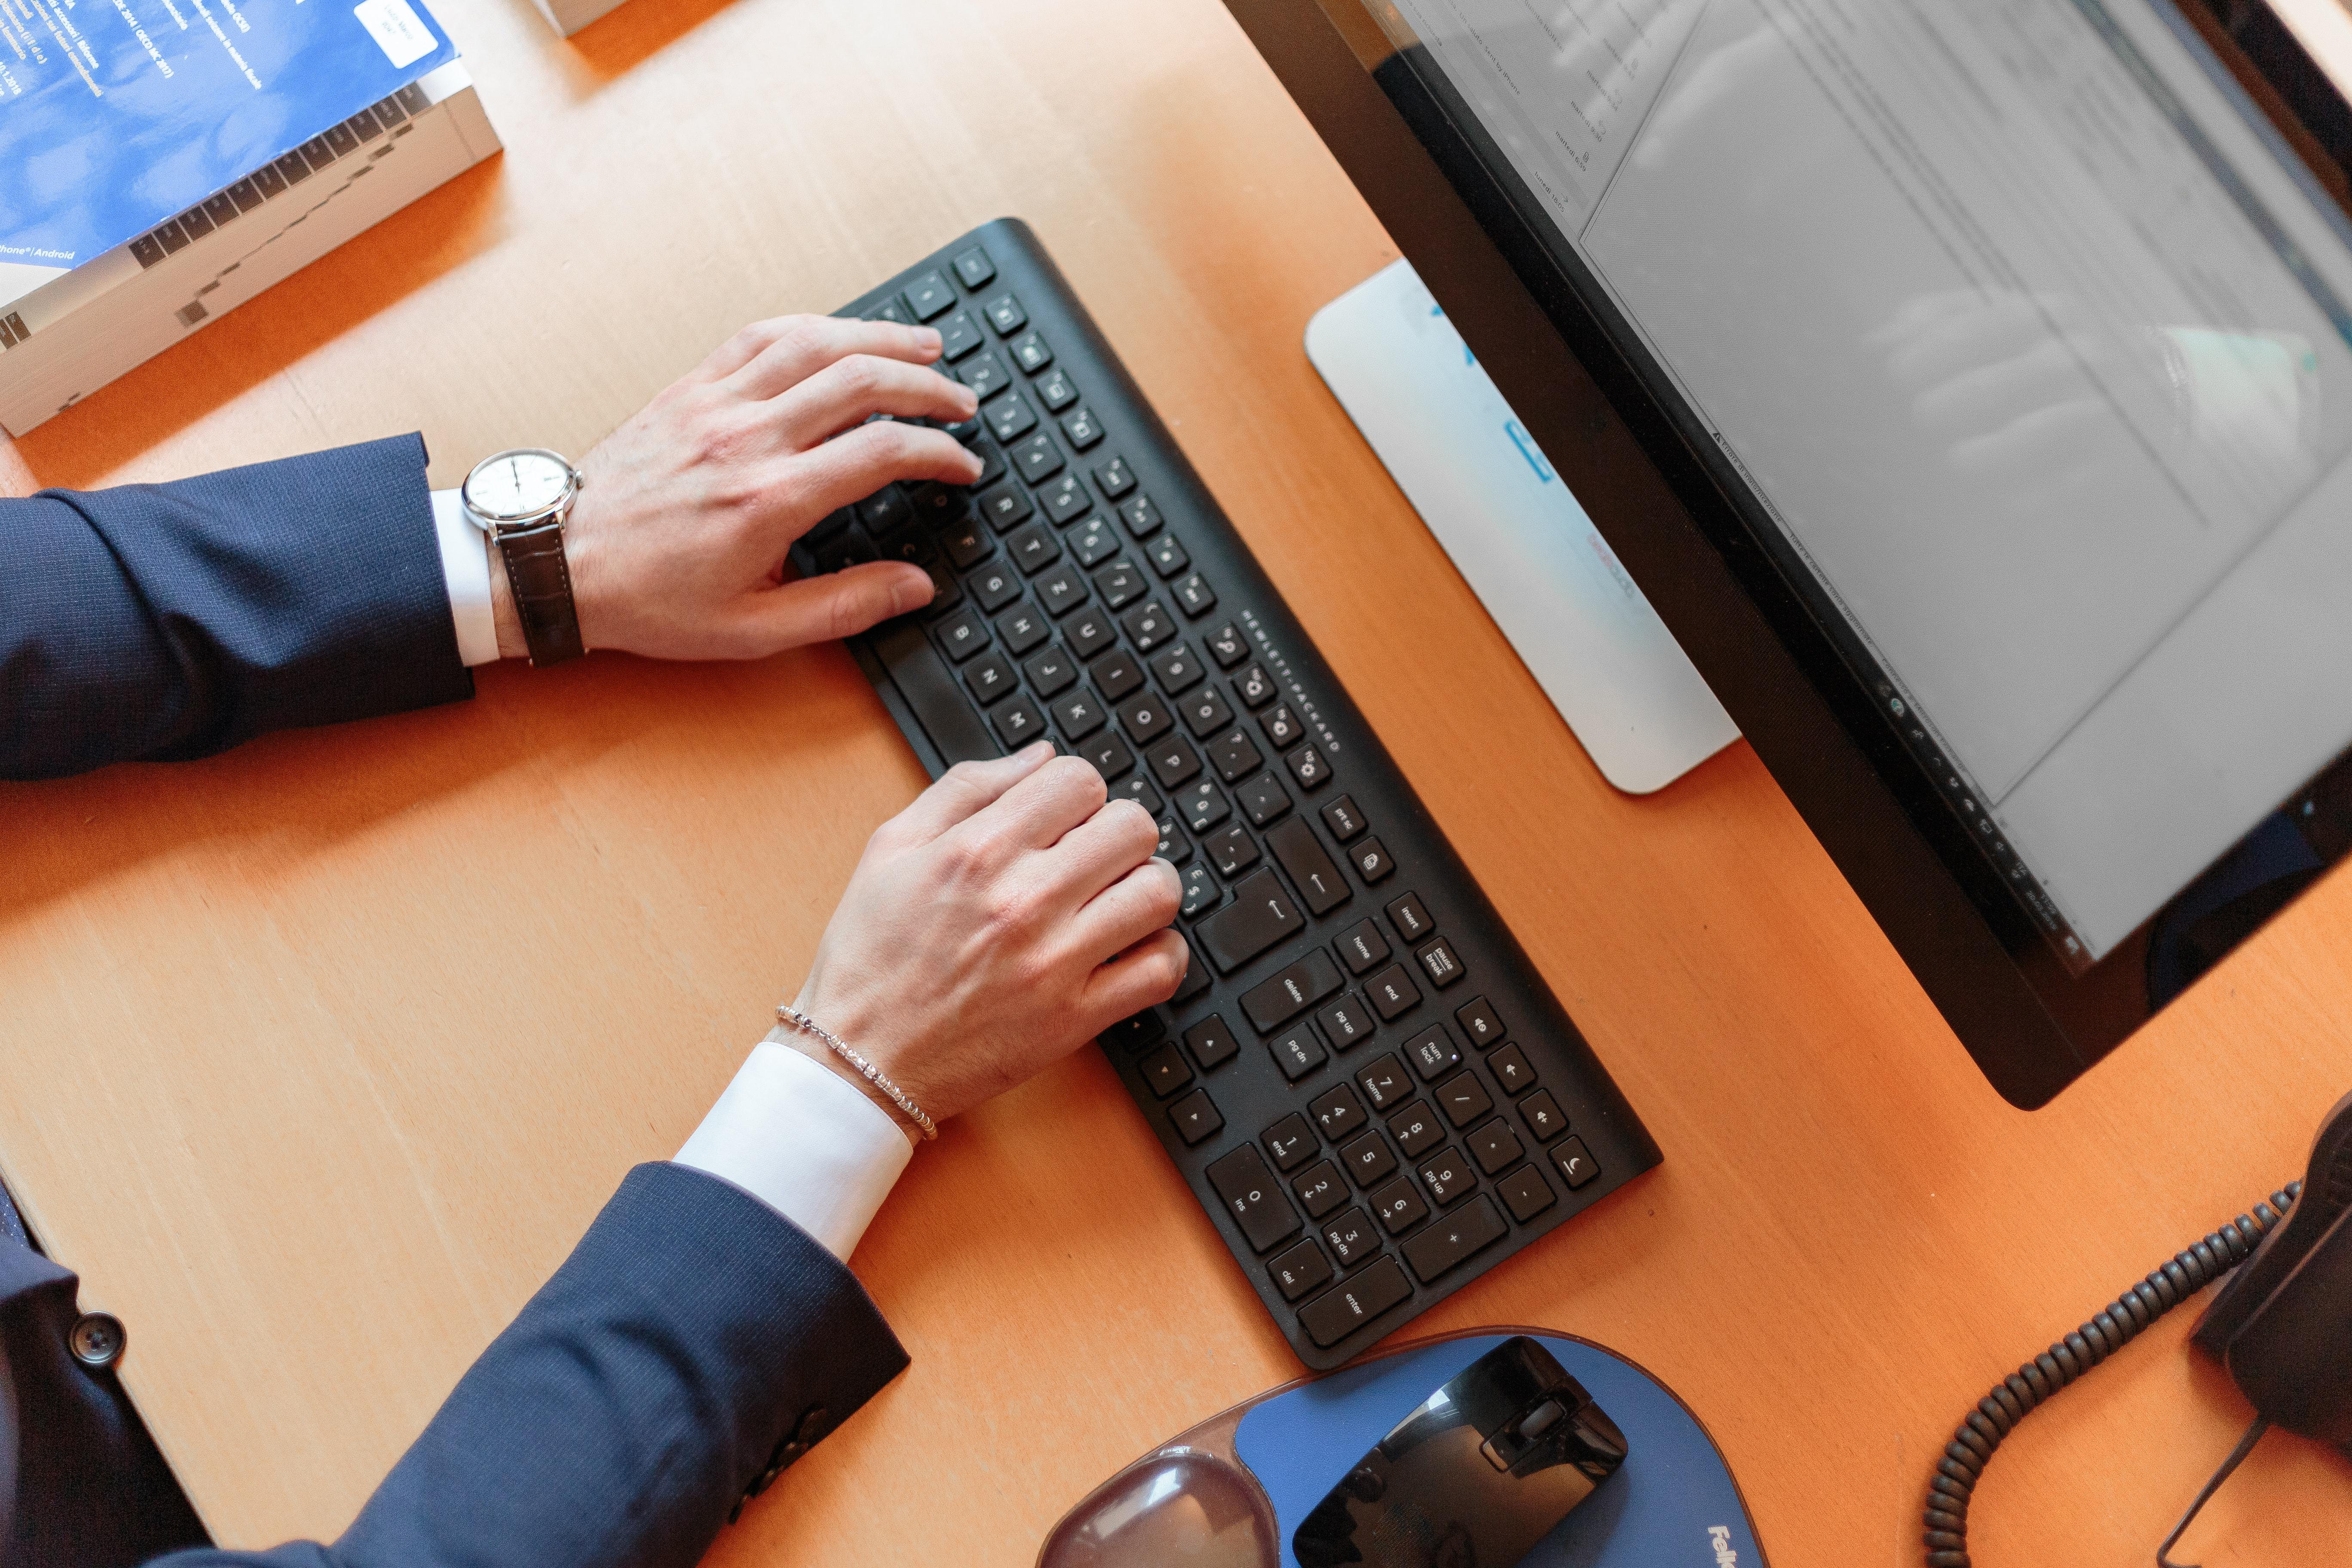 Simplifiquemos el trabajo y mejoremos la productividad